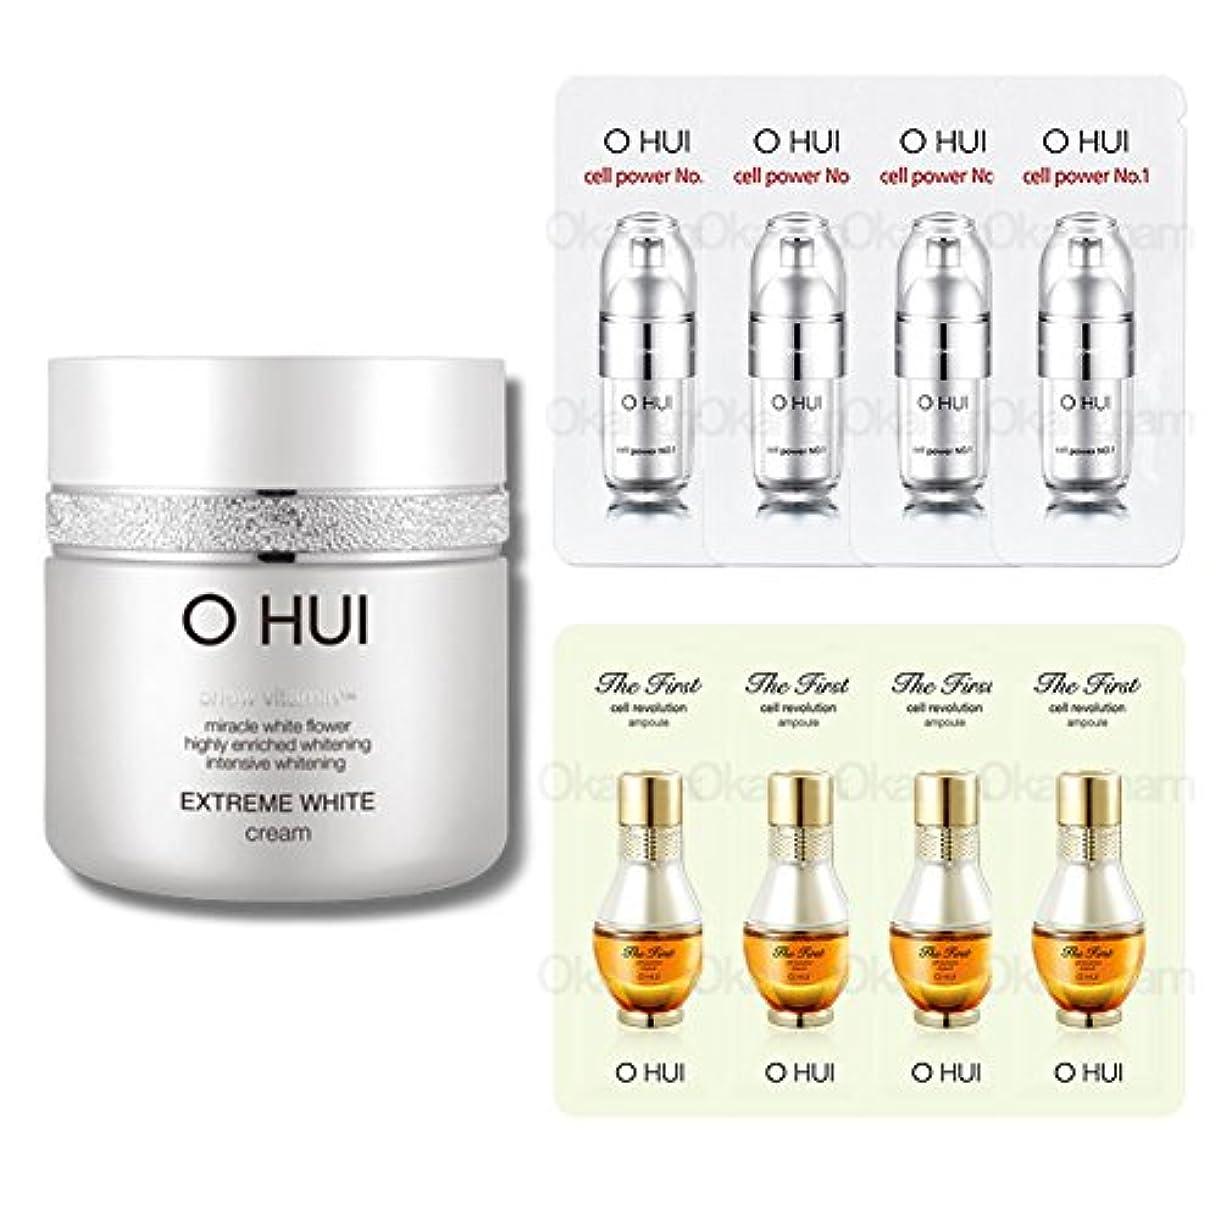 しかしながらクラッシュ到着[オフィ/ O HUI]韓国化粧品 LG生活健康/ OHUI OEW04 EXTREME WHITE CREAM/オフィ エクストリーム ホワイトクリーム 50ml +[Sample Gift](海外直送品)